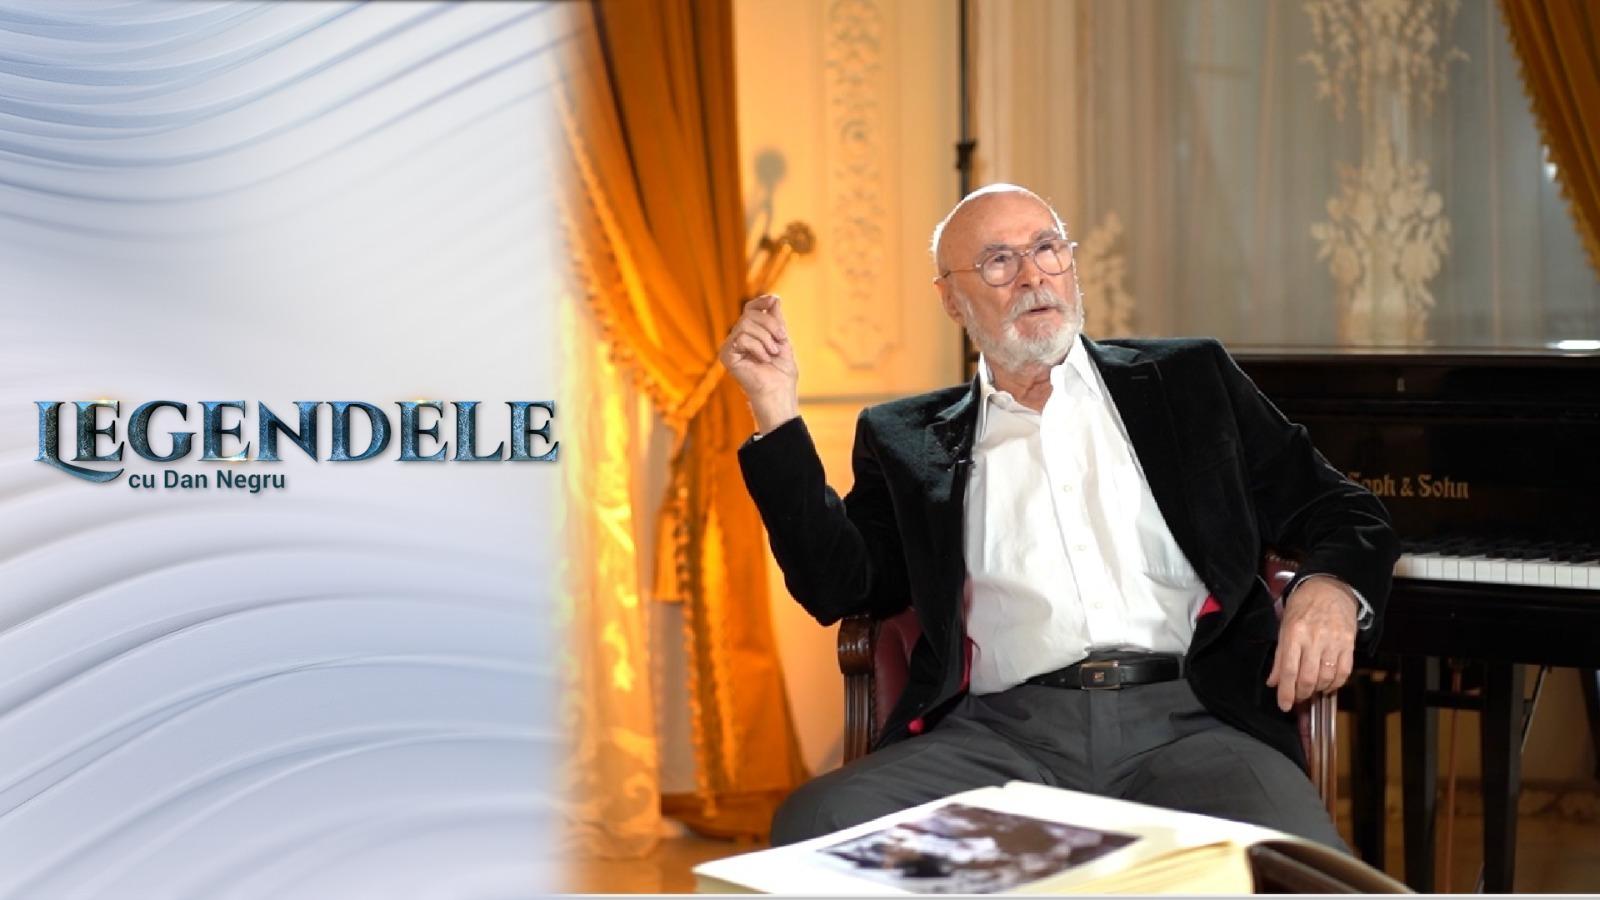 Legendele cu Dan Negru - Interviu Tudor Gheorghe